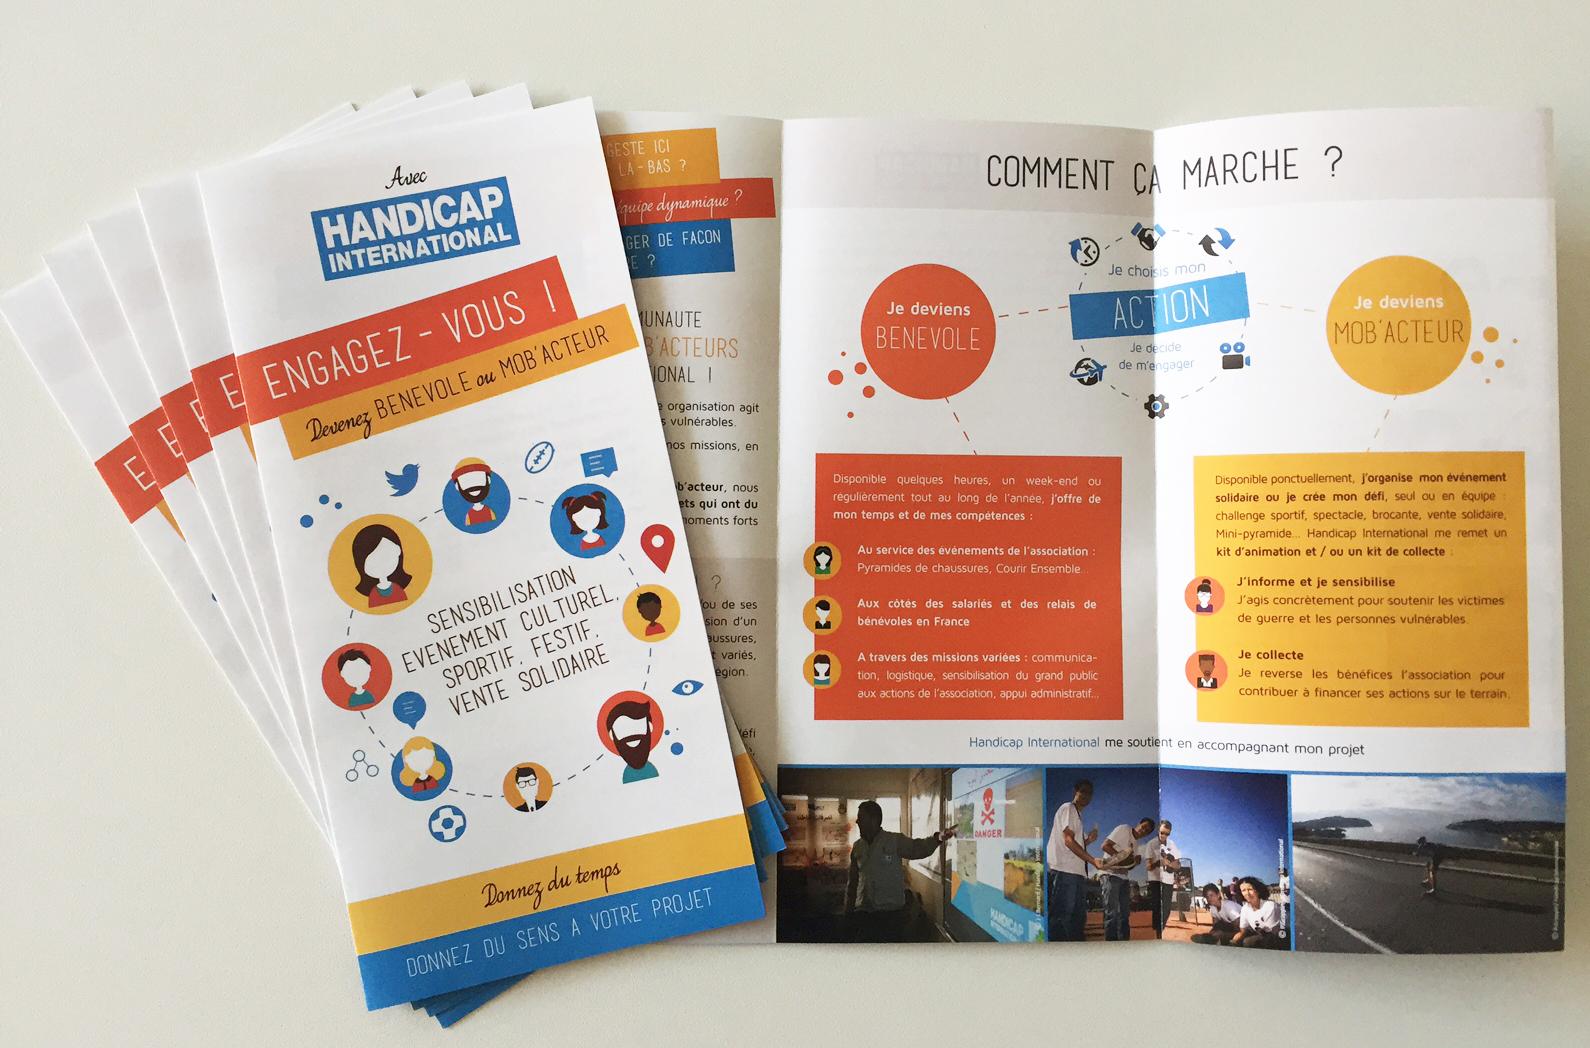 Plaquette HANDICAP INTERNATIONAL